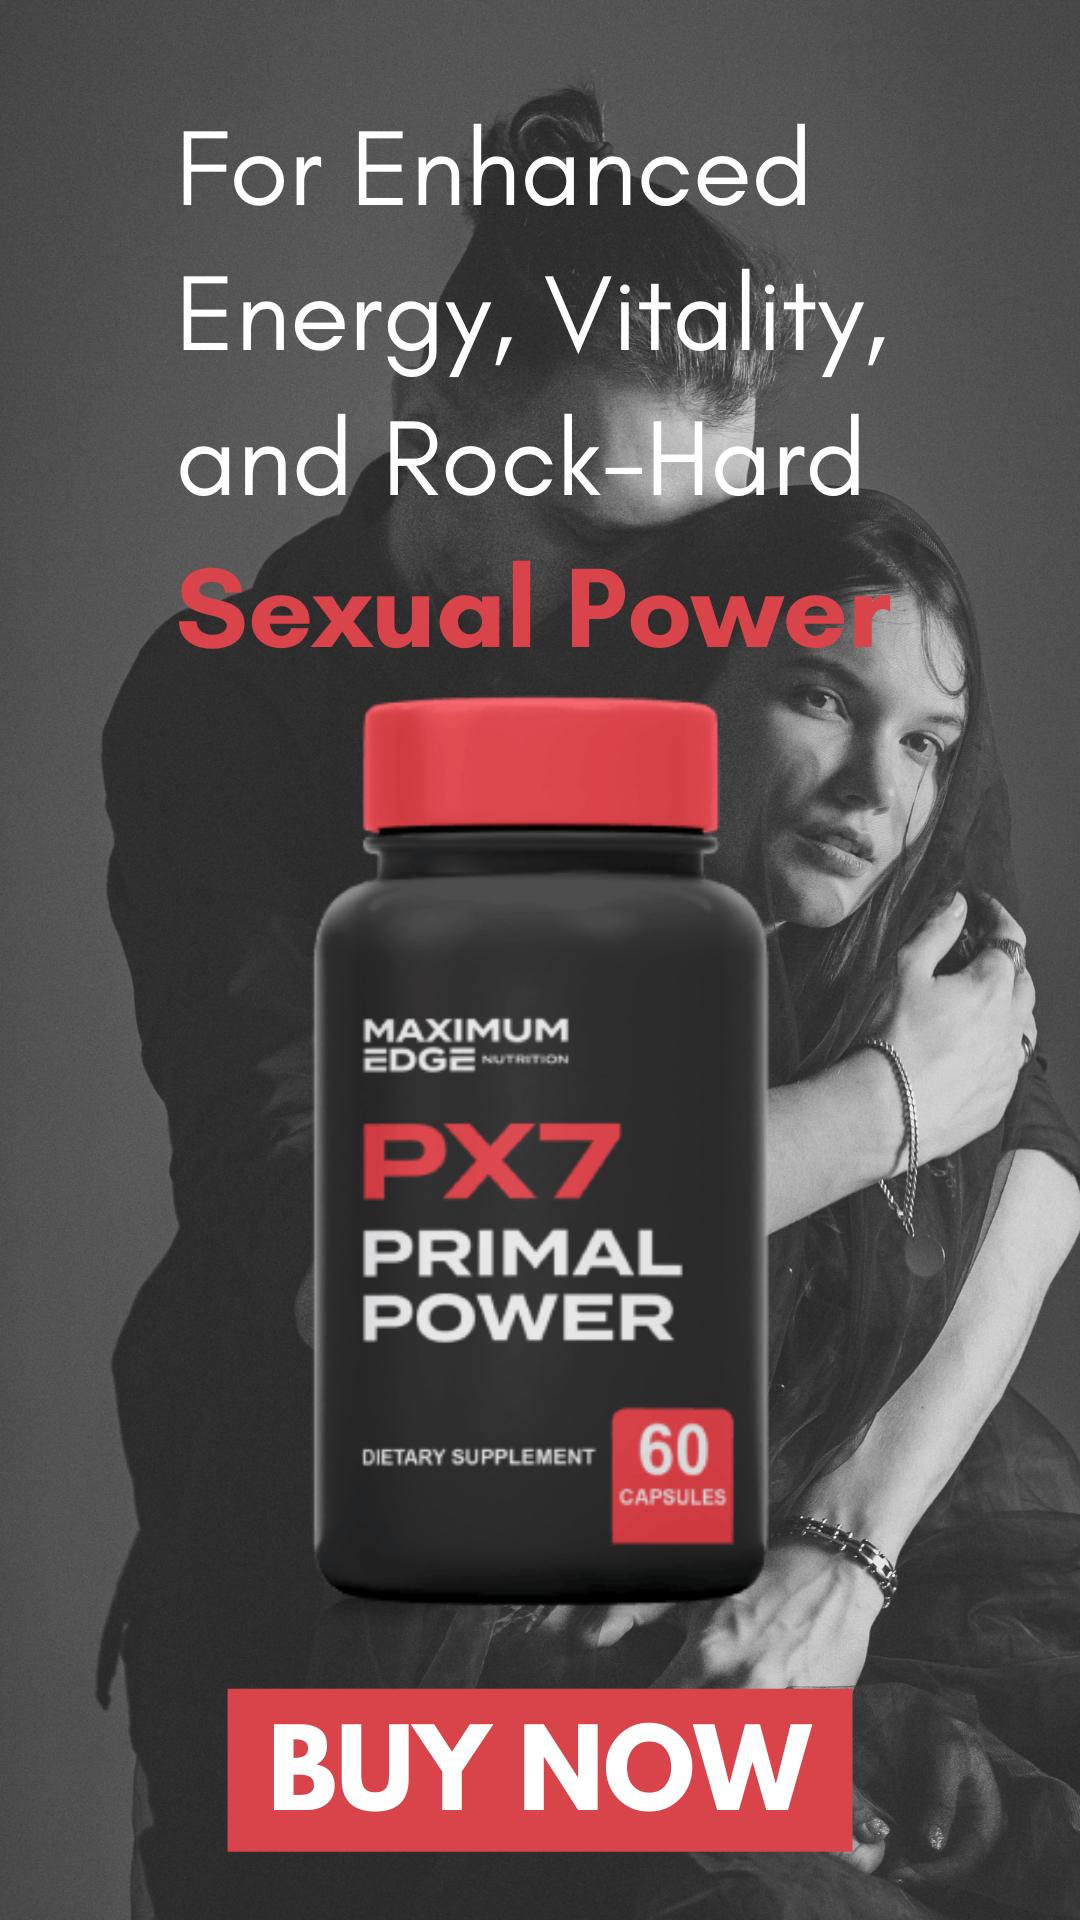 Primal Power Supplement